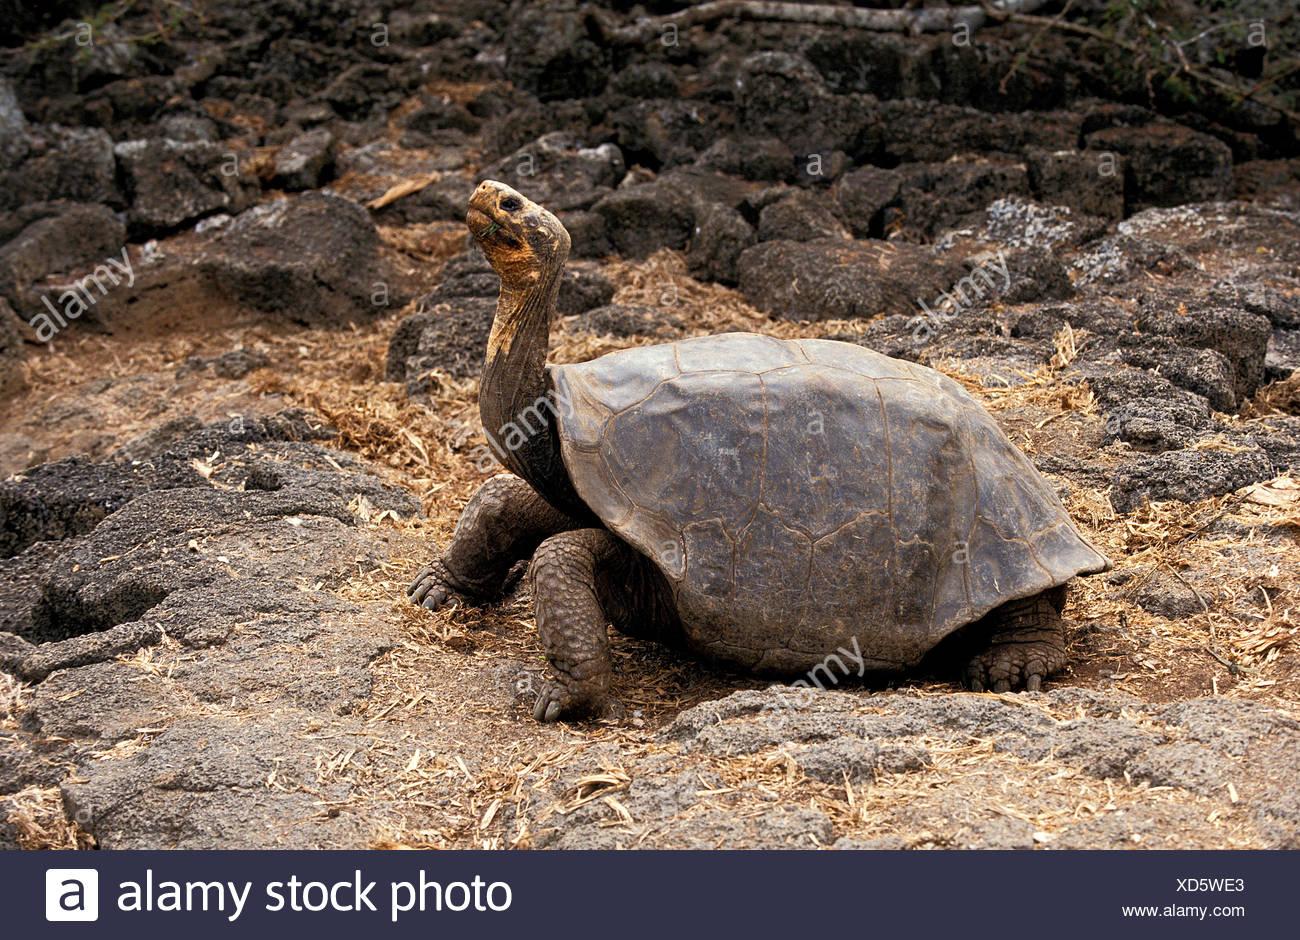 Giant Galapagos Tortoise, geochelone nigra, Adult, Galapagos Islands - Stock Image